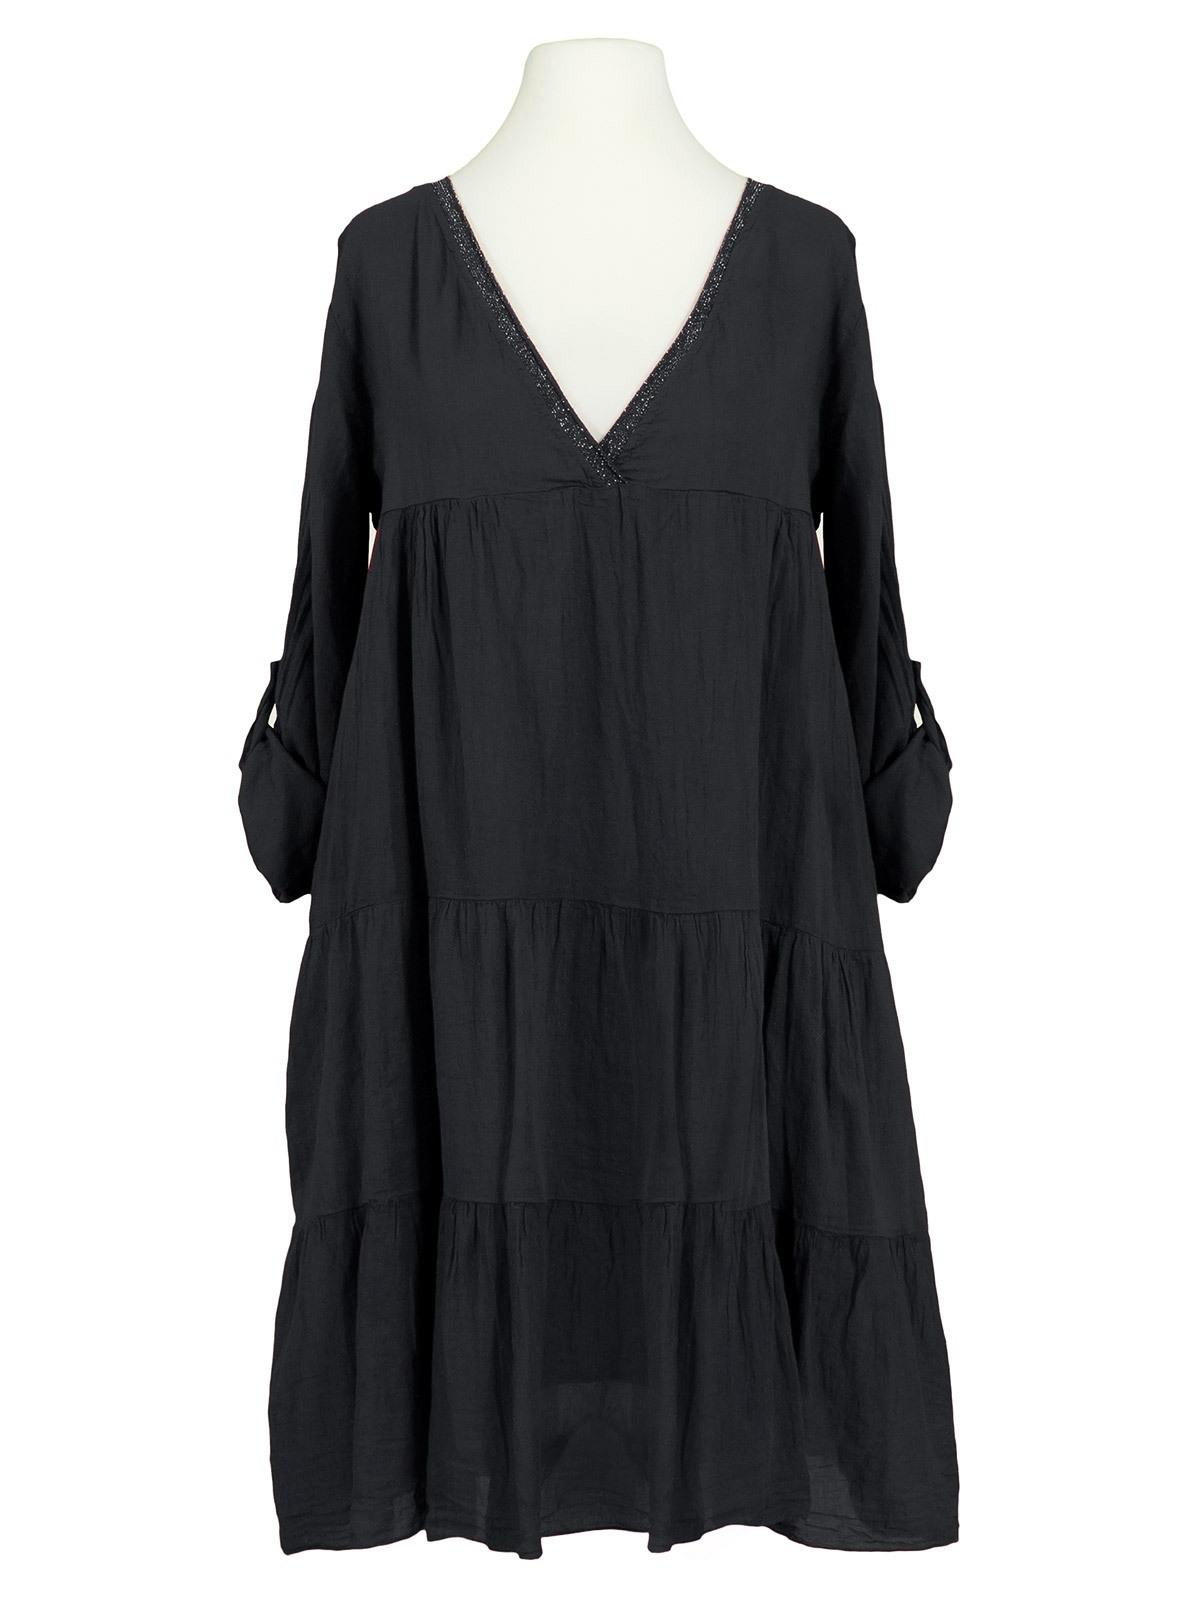 13 Genial Kleid Schwarz Baumwolle für 201915 Erstaunlich Kleid Schwarz Baumwolle Stylish